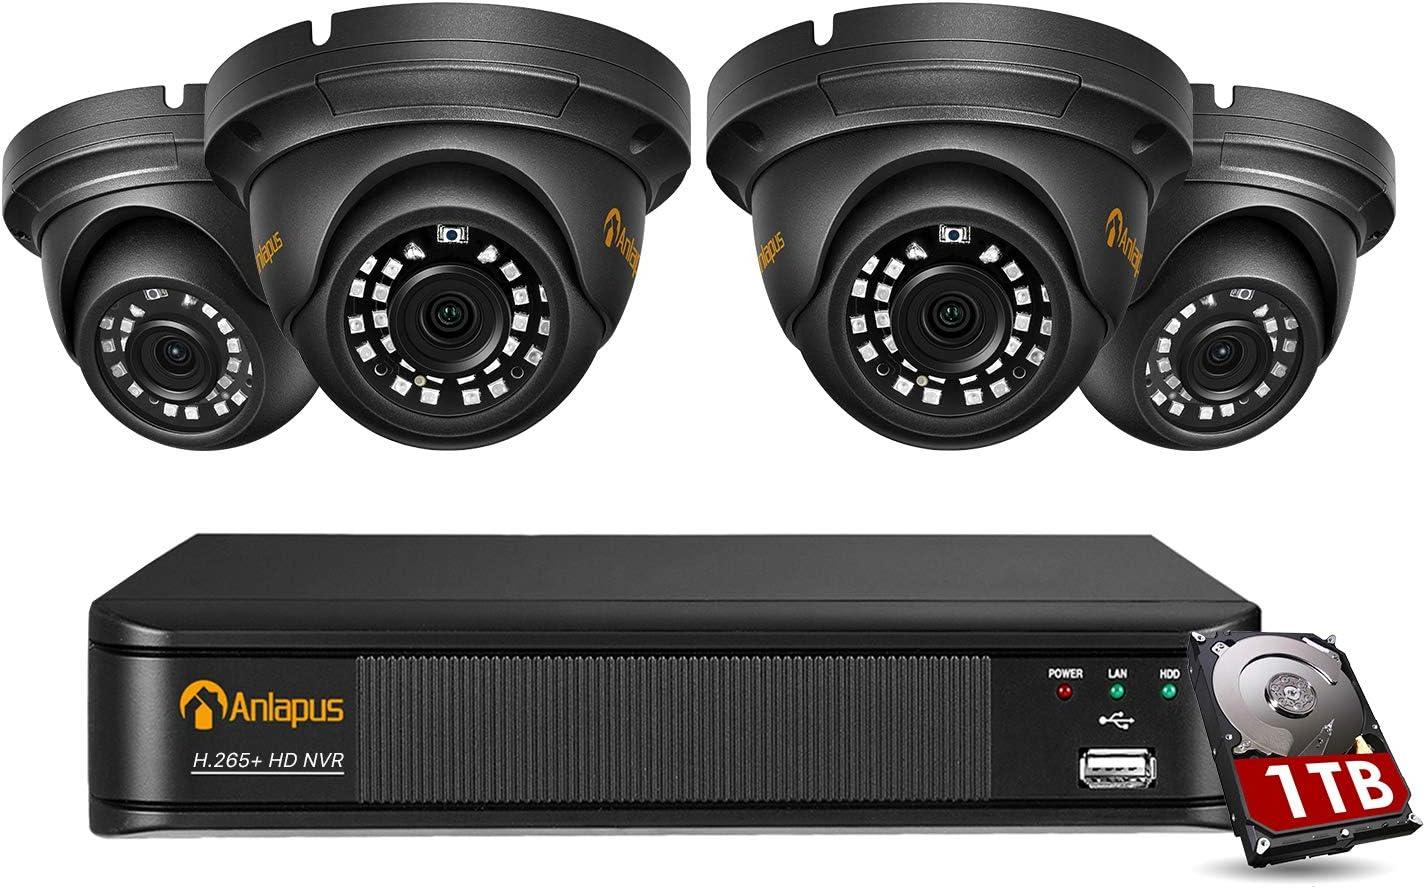 Anlapus 5MP Kit de Videovigilancia PoE 8CH H.265+ Videograbador NVR + IR Visi/ón Nocturna C/ámara de Vigilancia Seguridad PoE Exterior Alarma de Movimiento 1TB Disco Duro 4